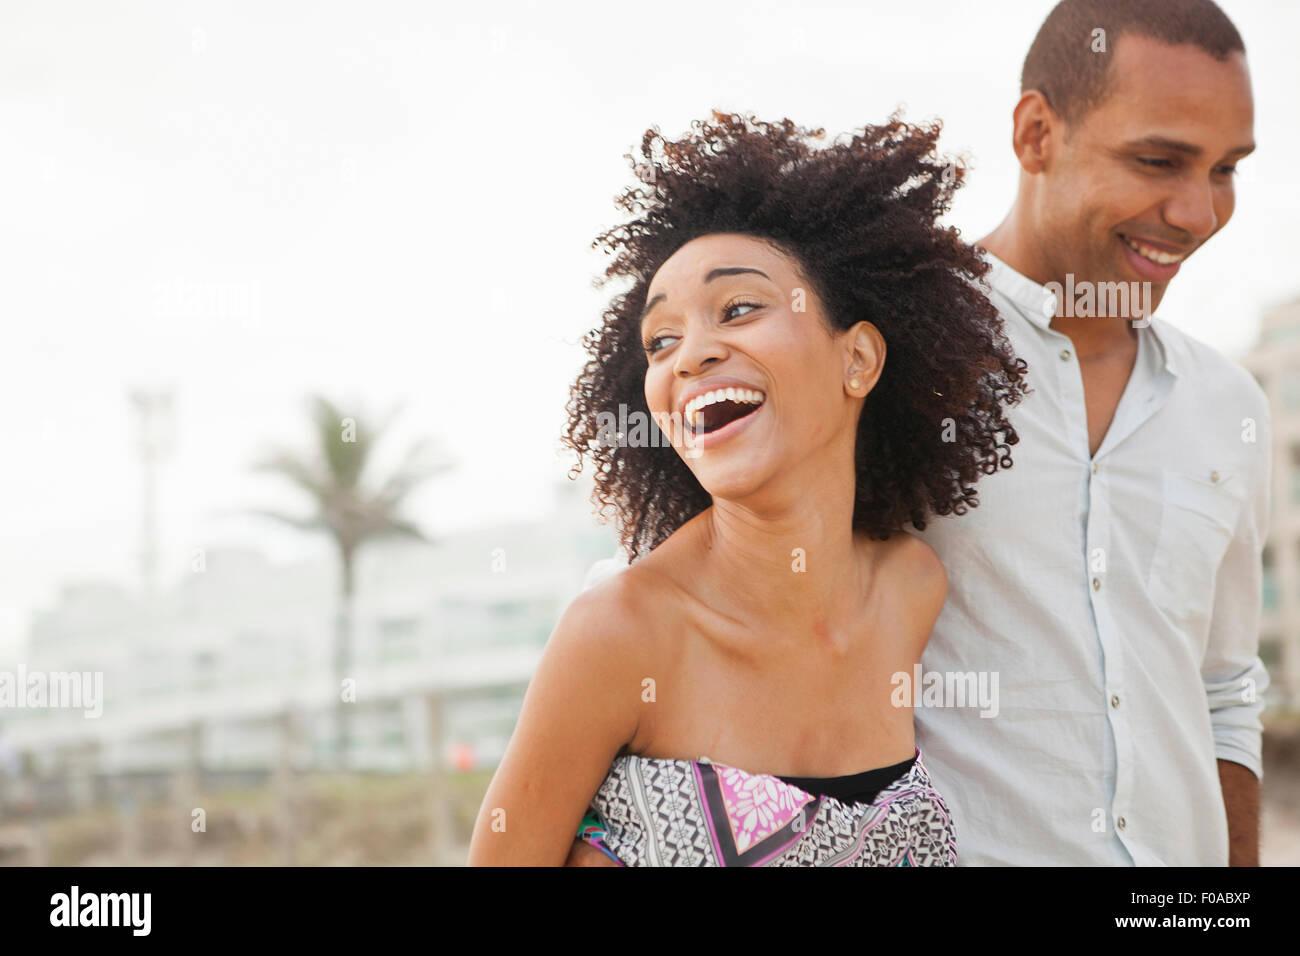 Jeune femme en riant tout en se promenant avec copain on beach, Rio de Janeiro, Brésil Banque D'Images